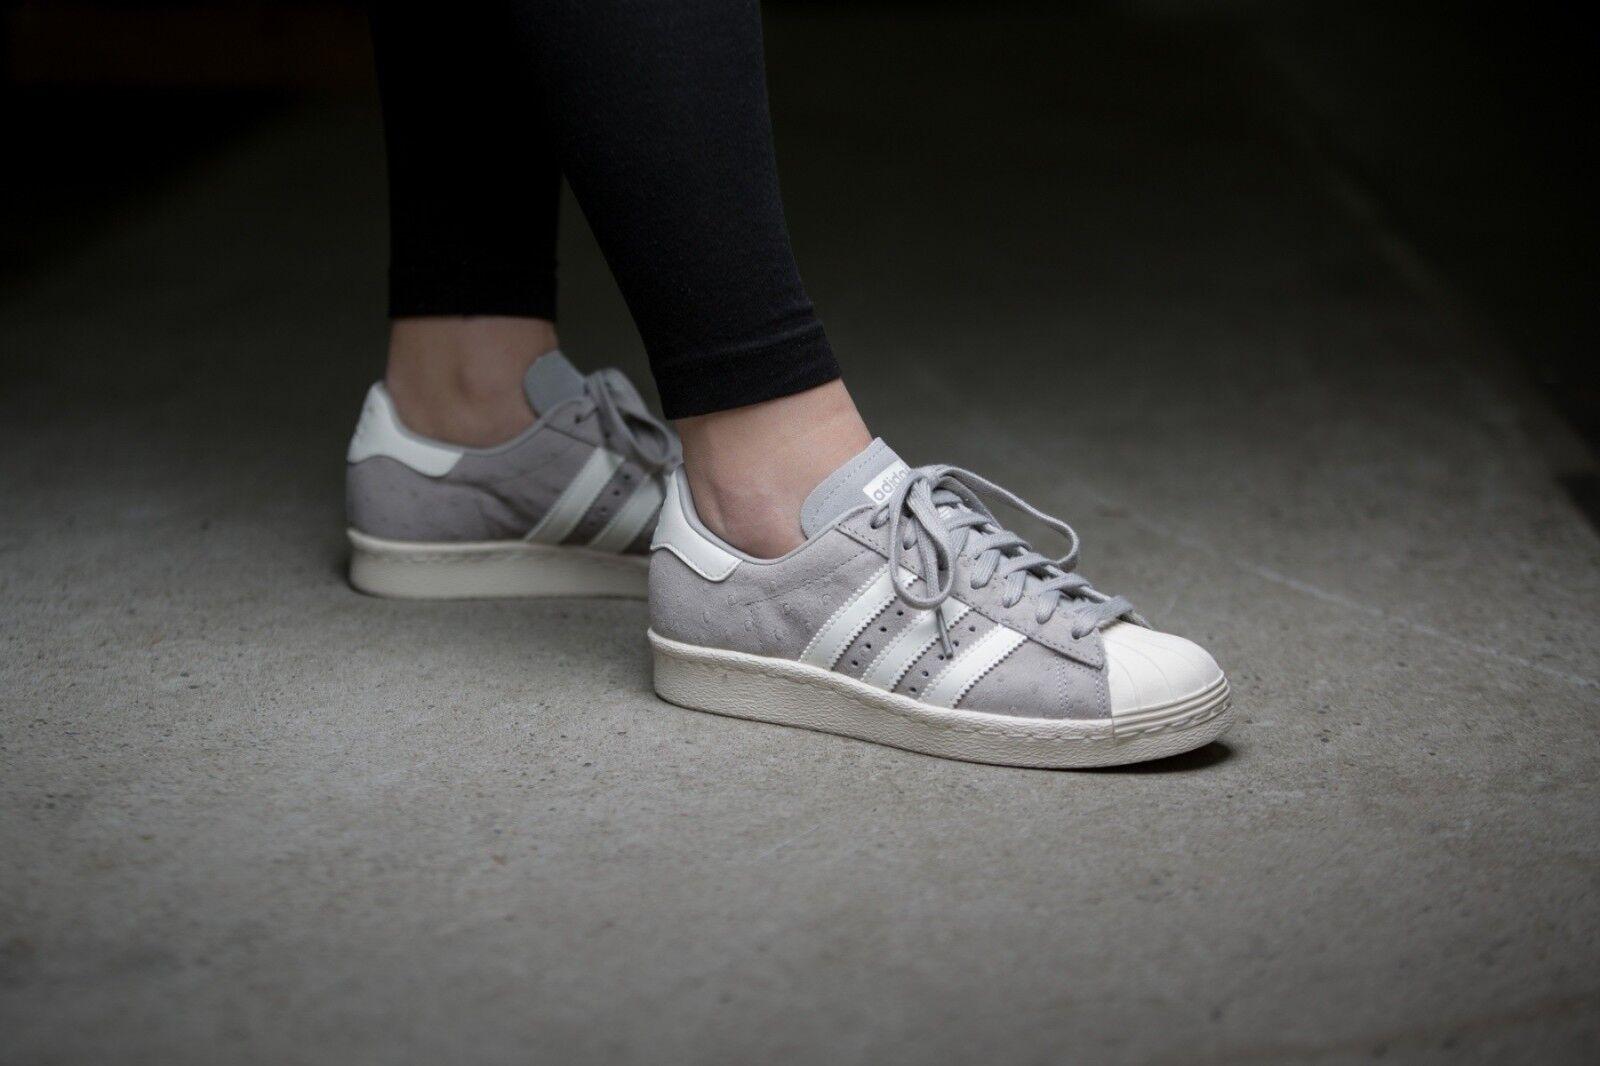 9101a93446e86 ... Adidas Adidas Adidas Originals Superstar 80s Women s Grey S75060 Gray  NWT Rare 78cf22 ...